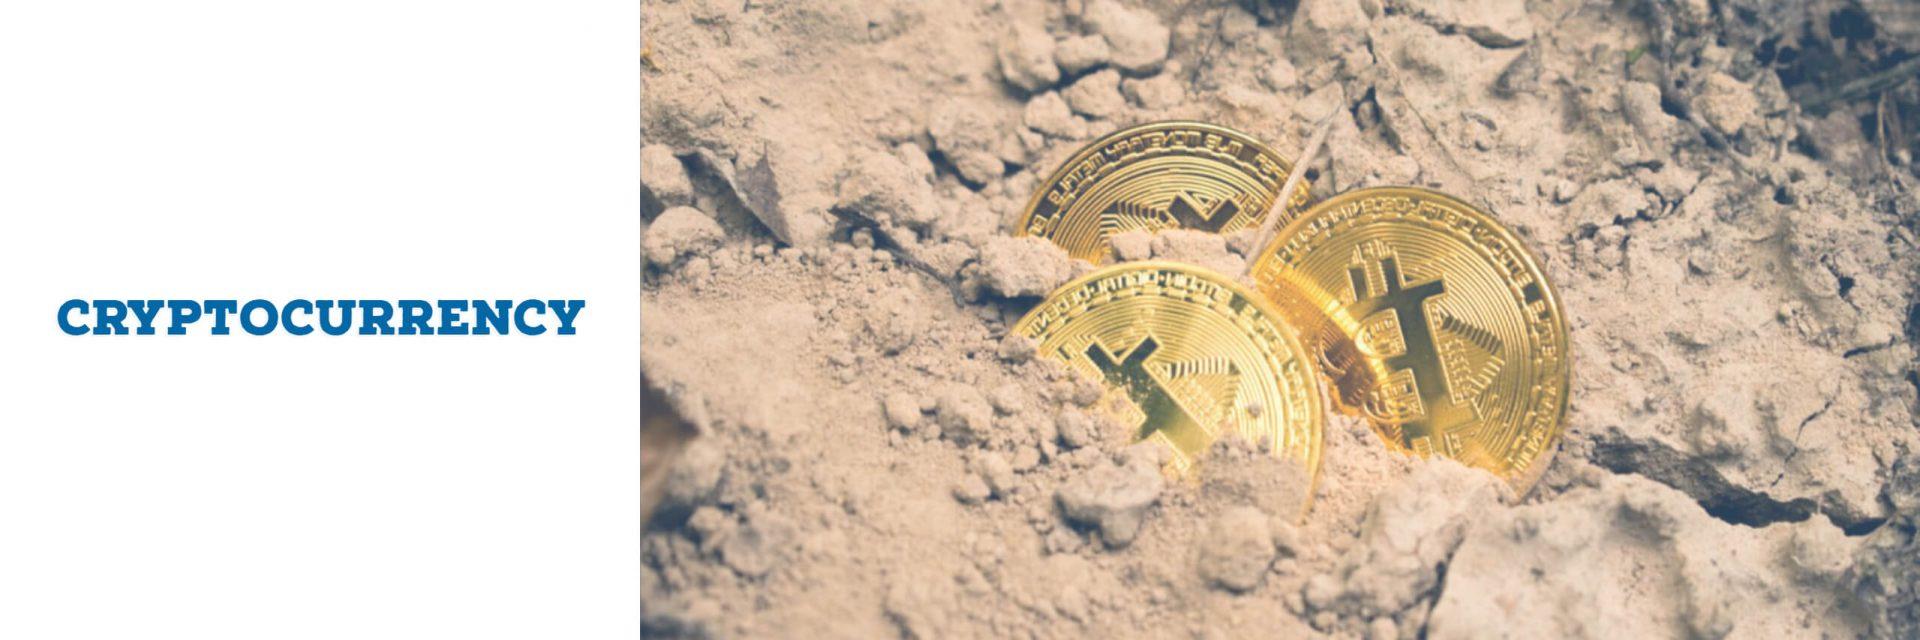 Ist Bitcoin-Rallye Für Echte Oder Ist Astraleums Eine Bessere Wette?